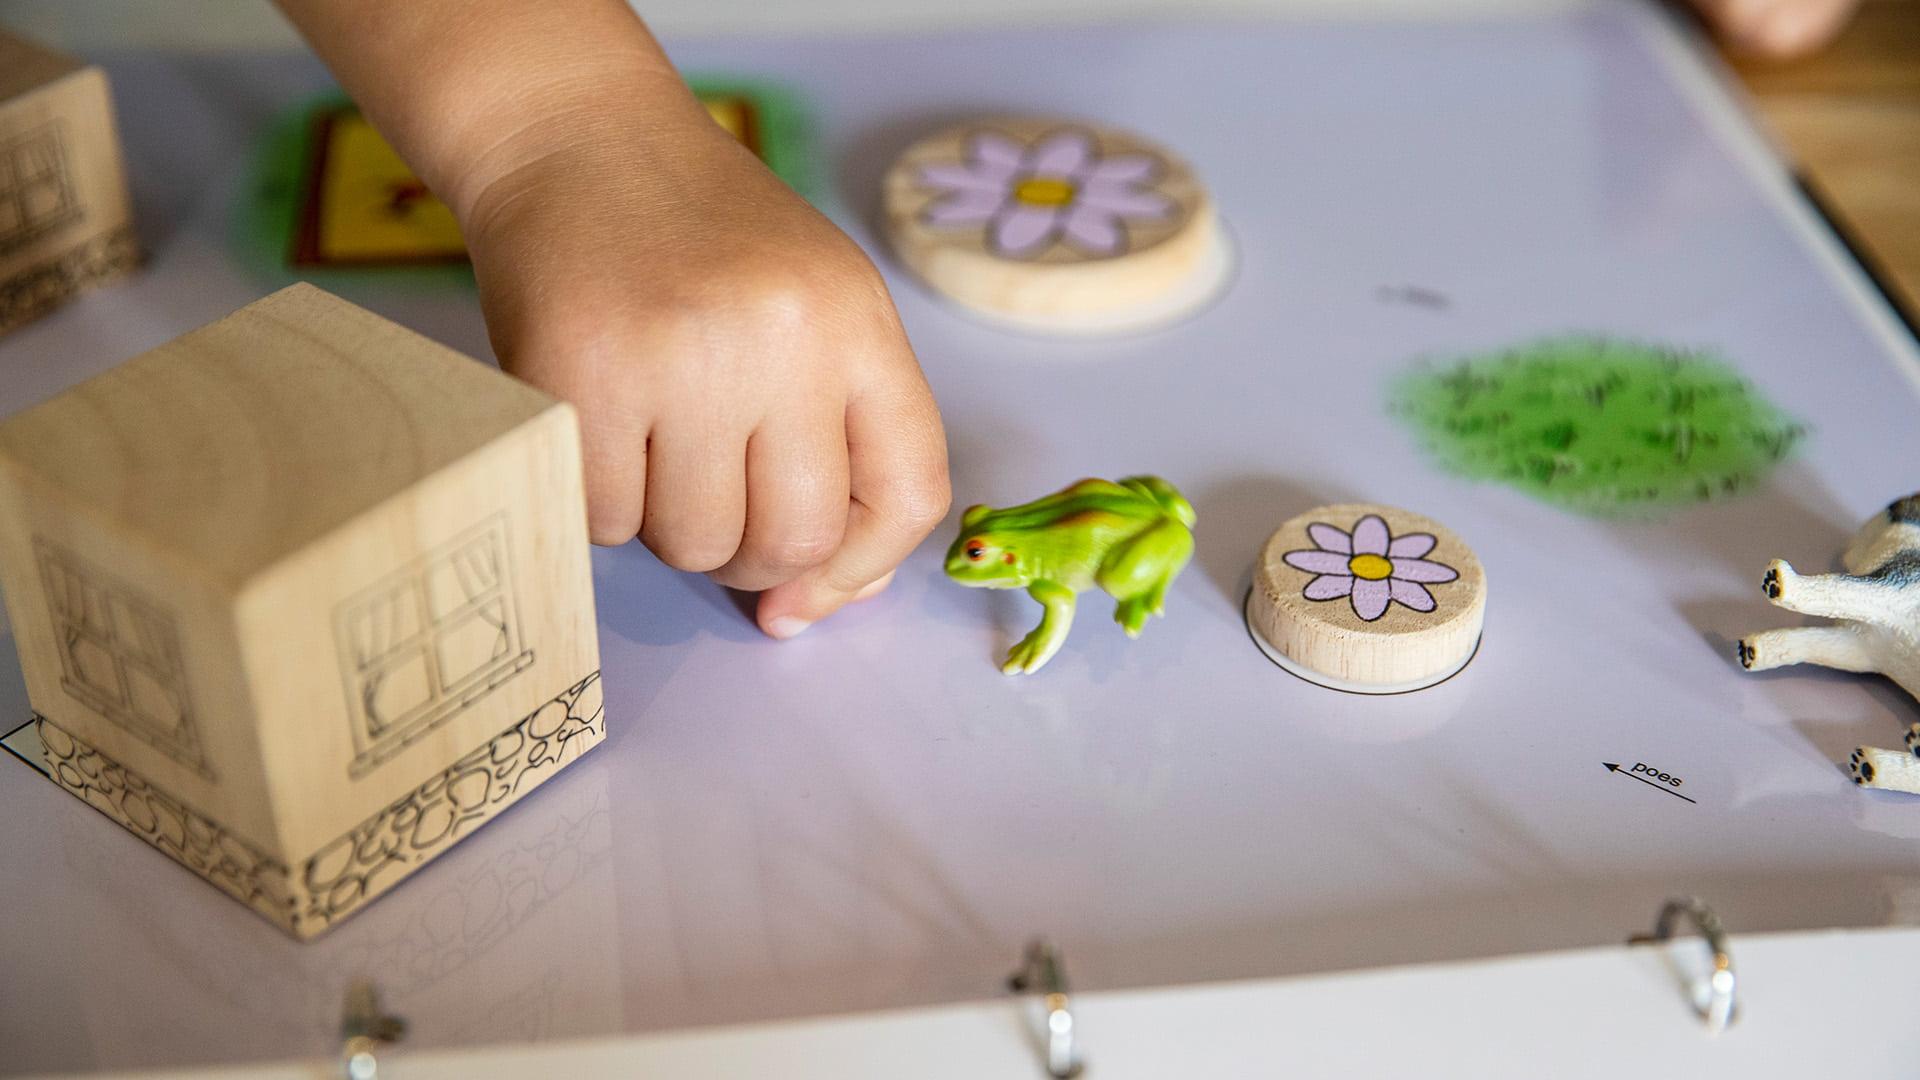 Handen Lot met kikkertje en bloem tijdens logopedie consult